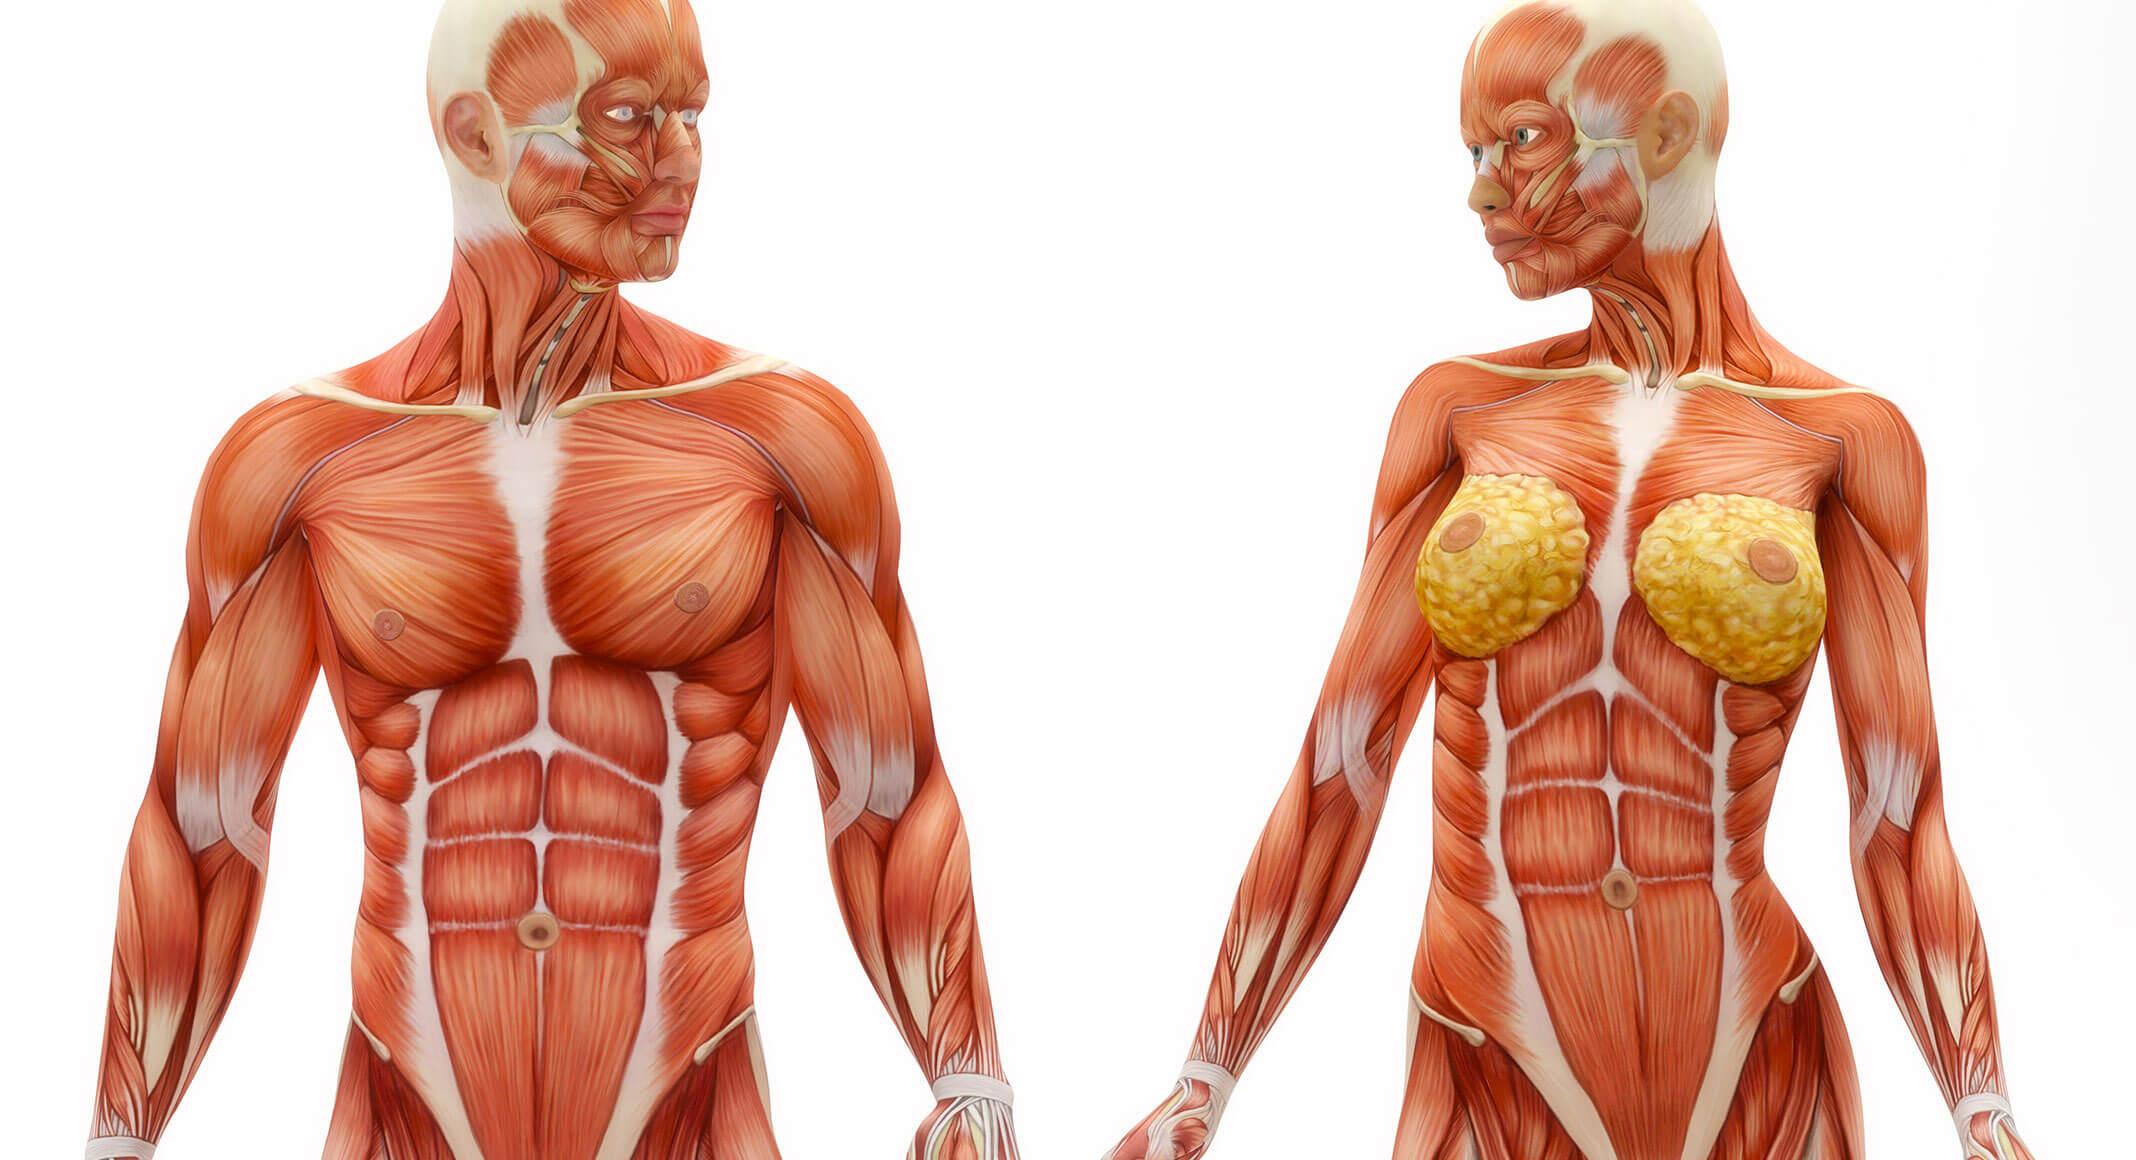 Faszien – mehr als nur Bindegewebe! - Das GesundheitsPlus